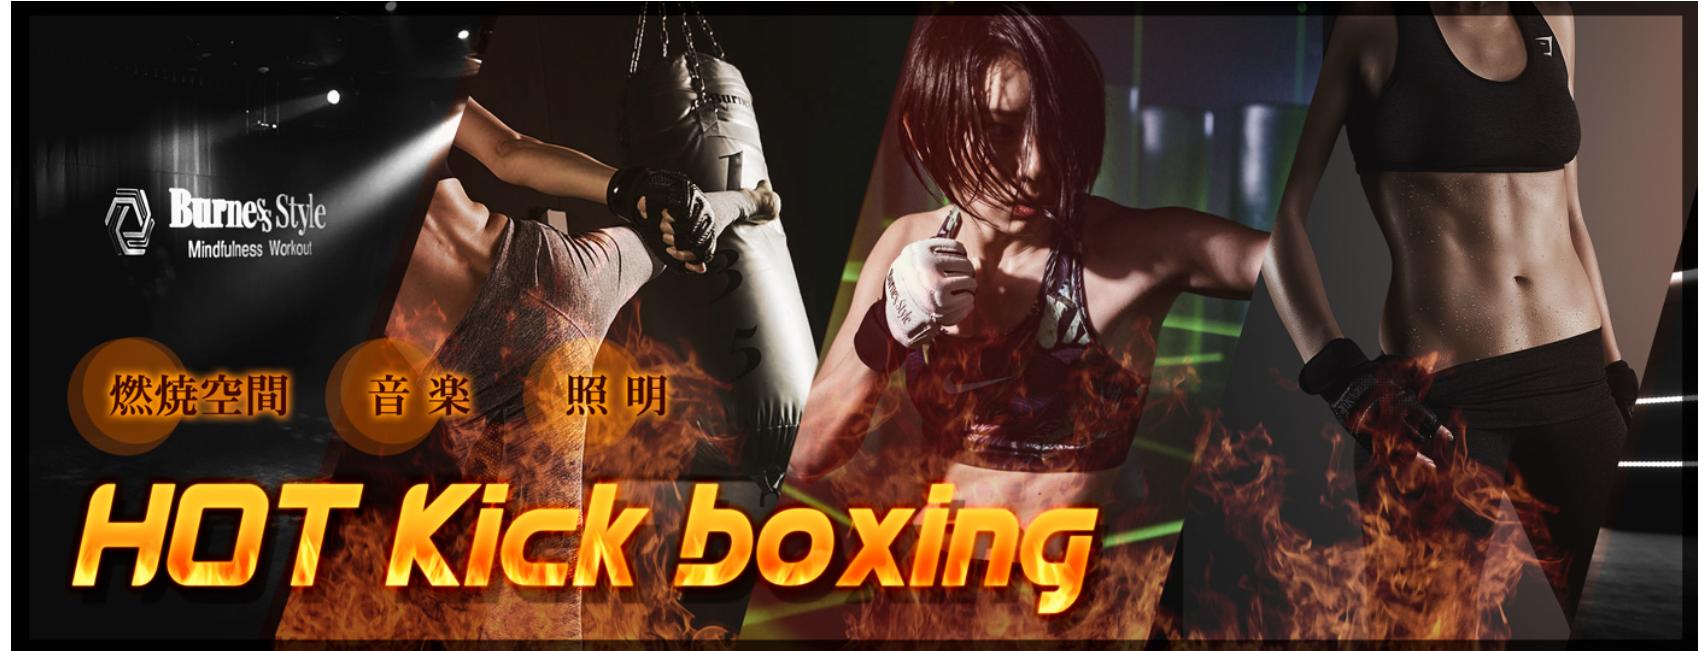 ホットキックボクシング